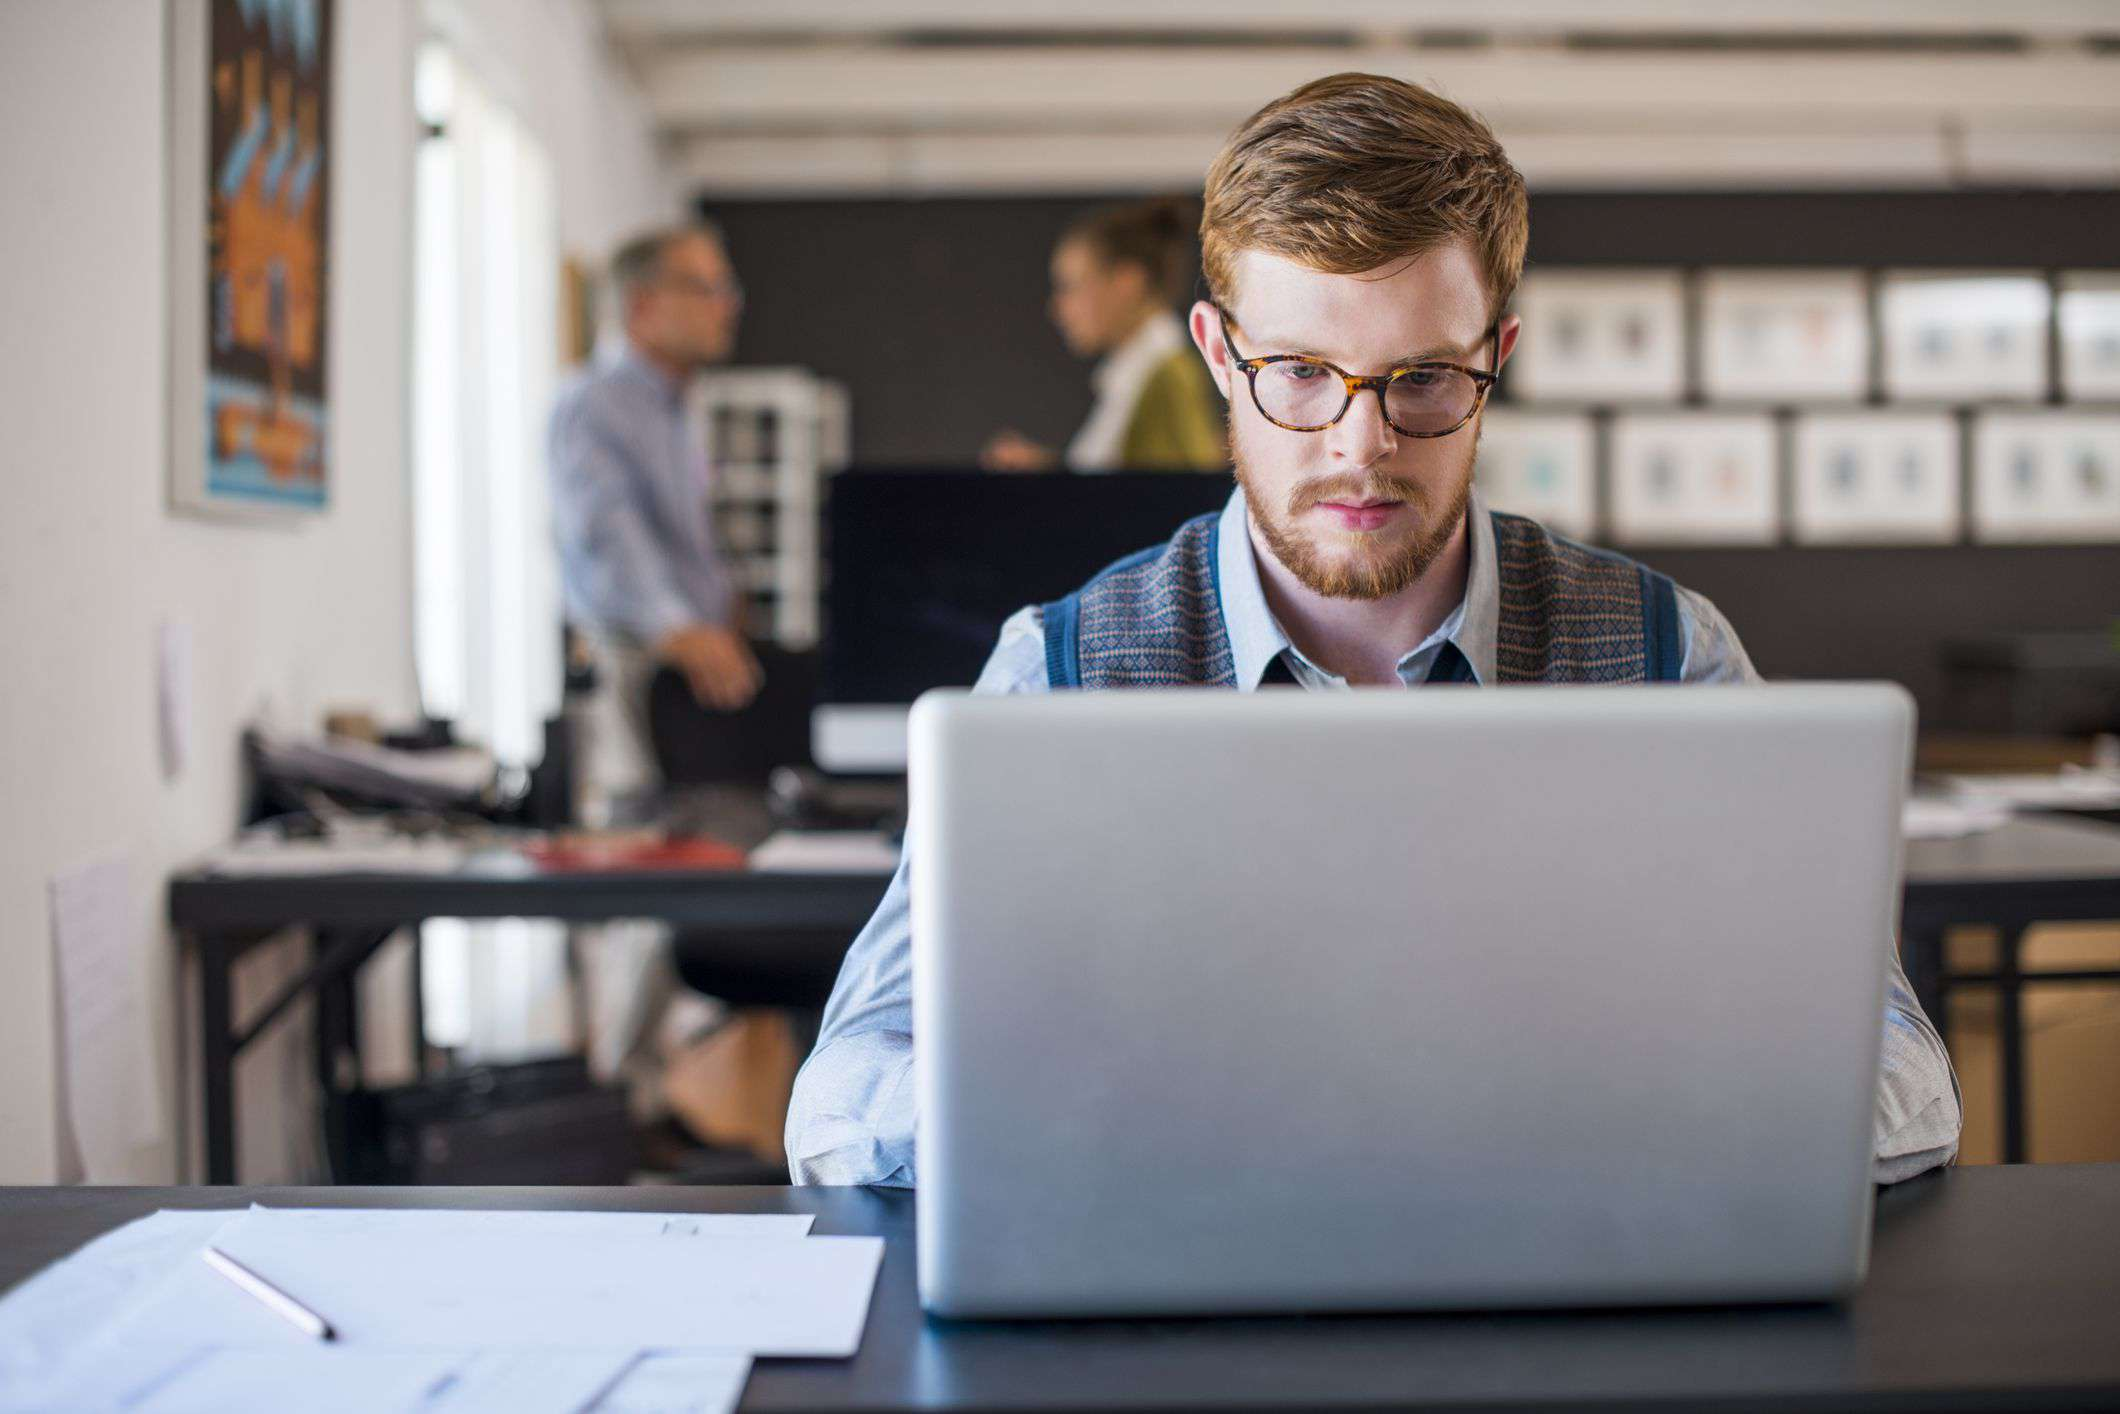 man on laptop in office